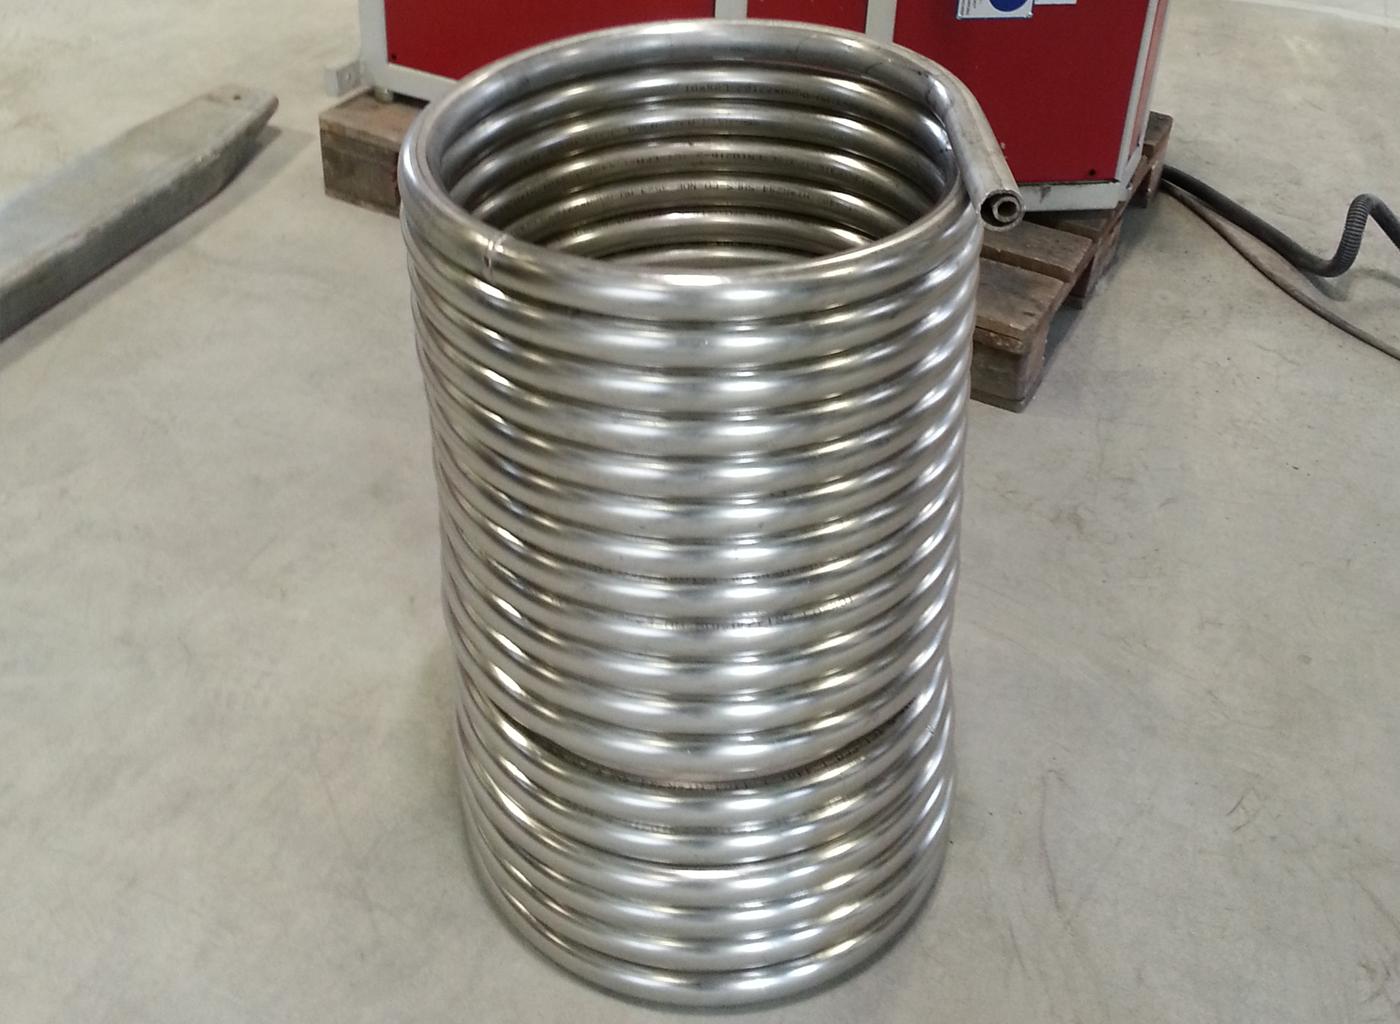 verktoy-pressure-metallteknikk-1